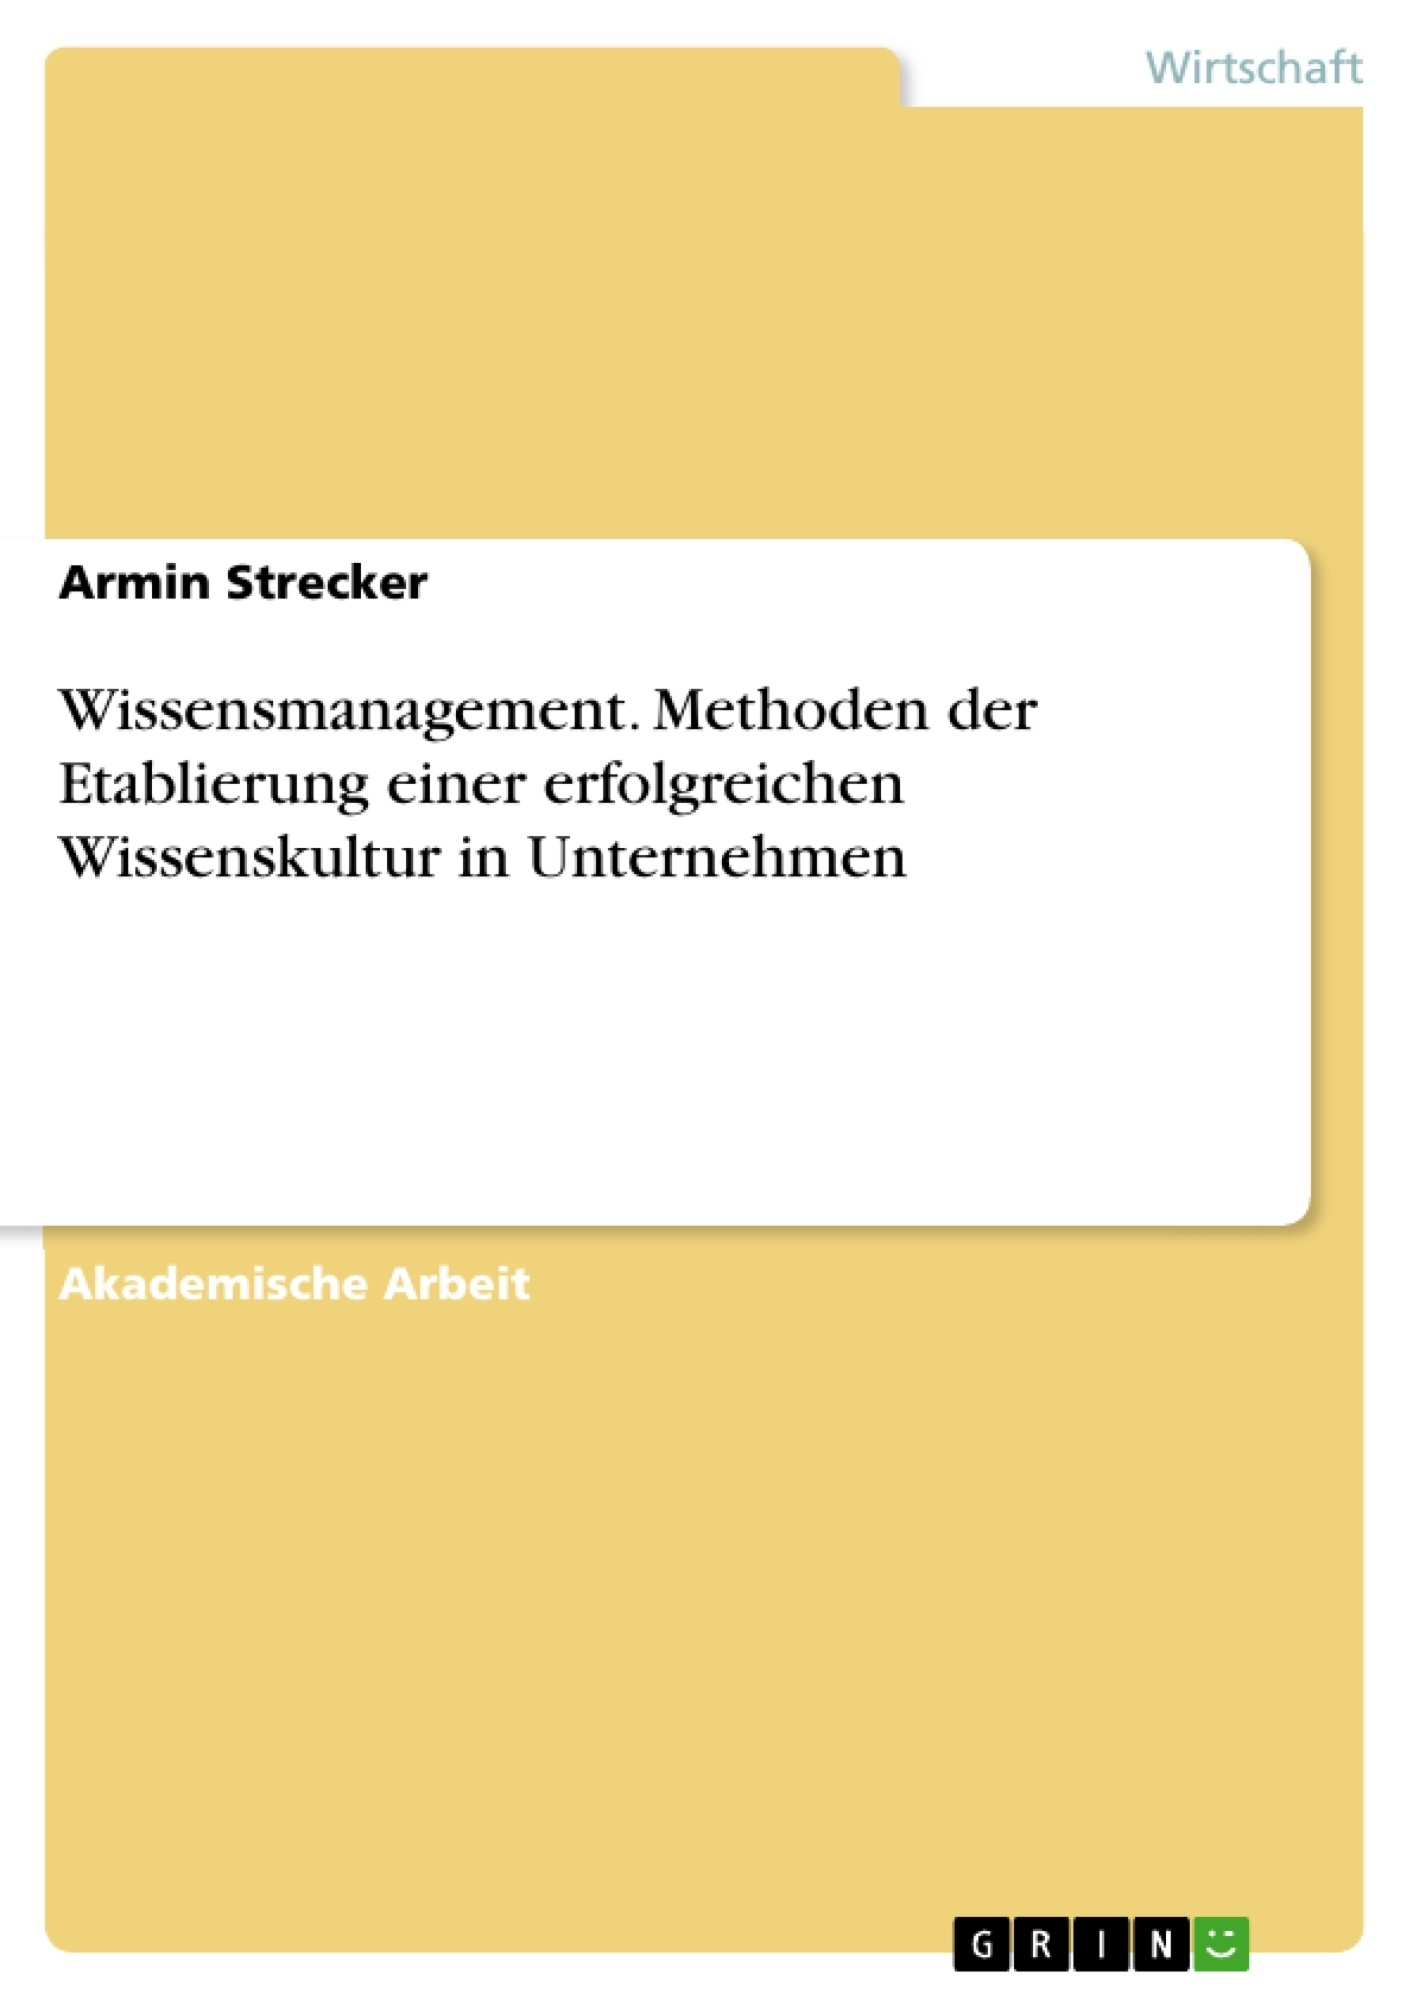 Titel: Wissensmanagement. Methoden der Etablierung einer erfolgreichen Wissenskultur in Unternehmen